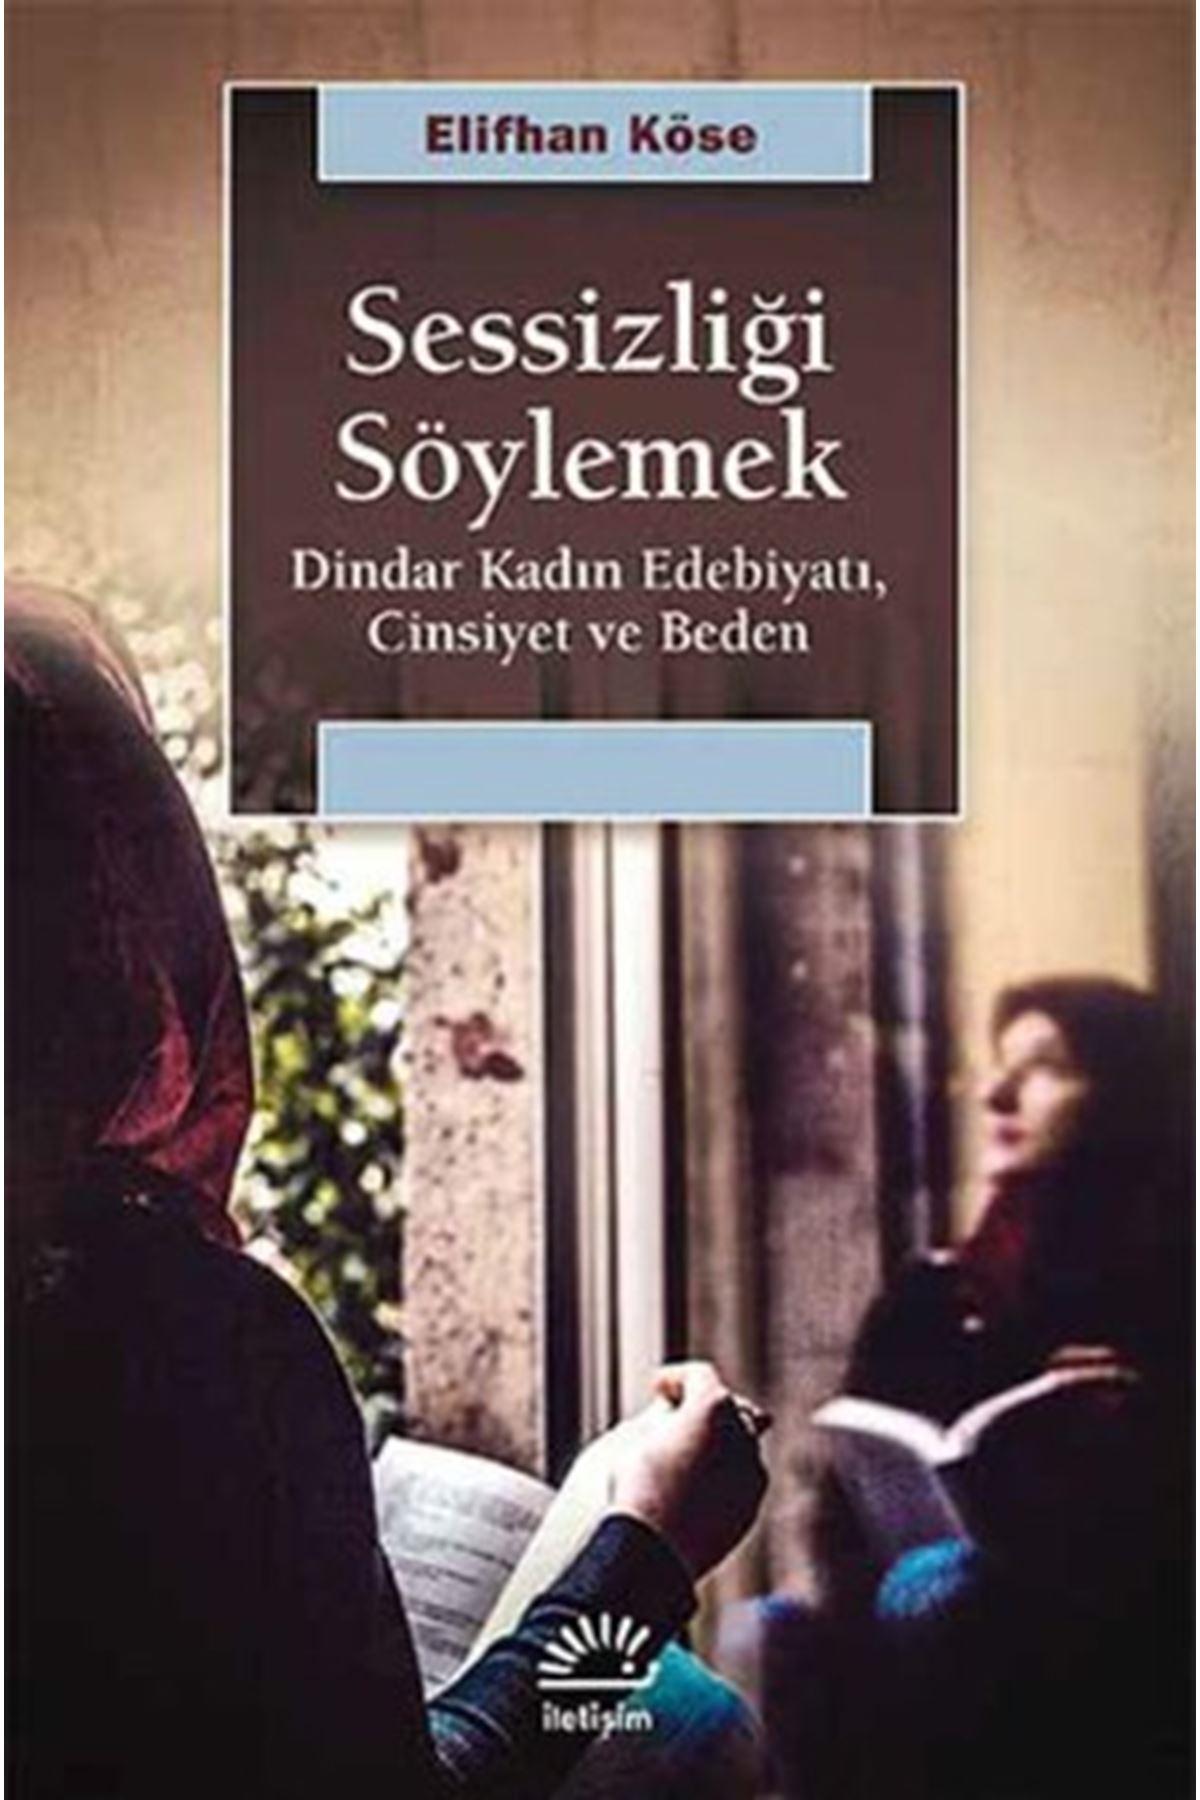 ELİFHAN KÖSE - SESSİZLİĞİ SÖYLEMEK